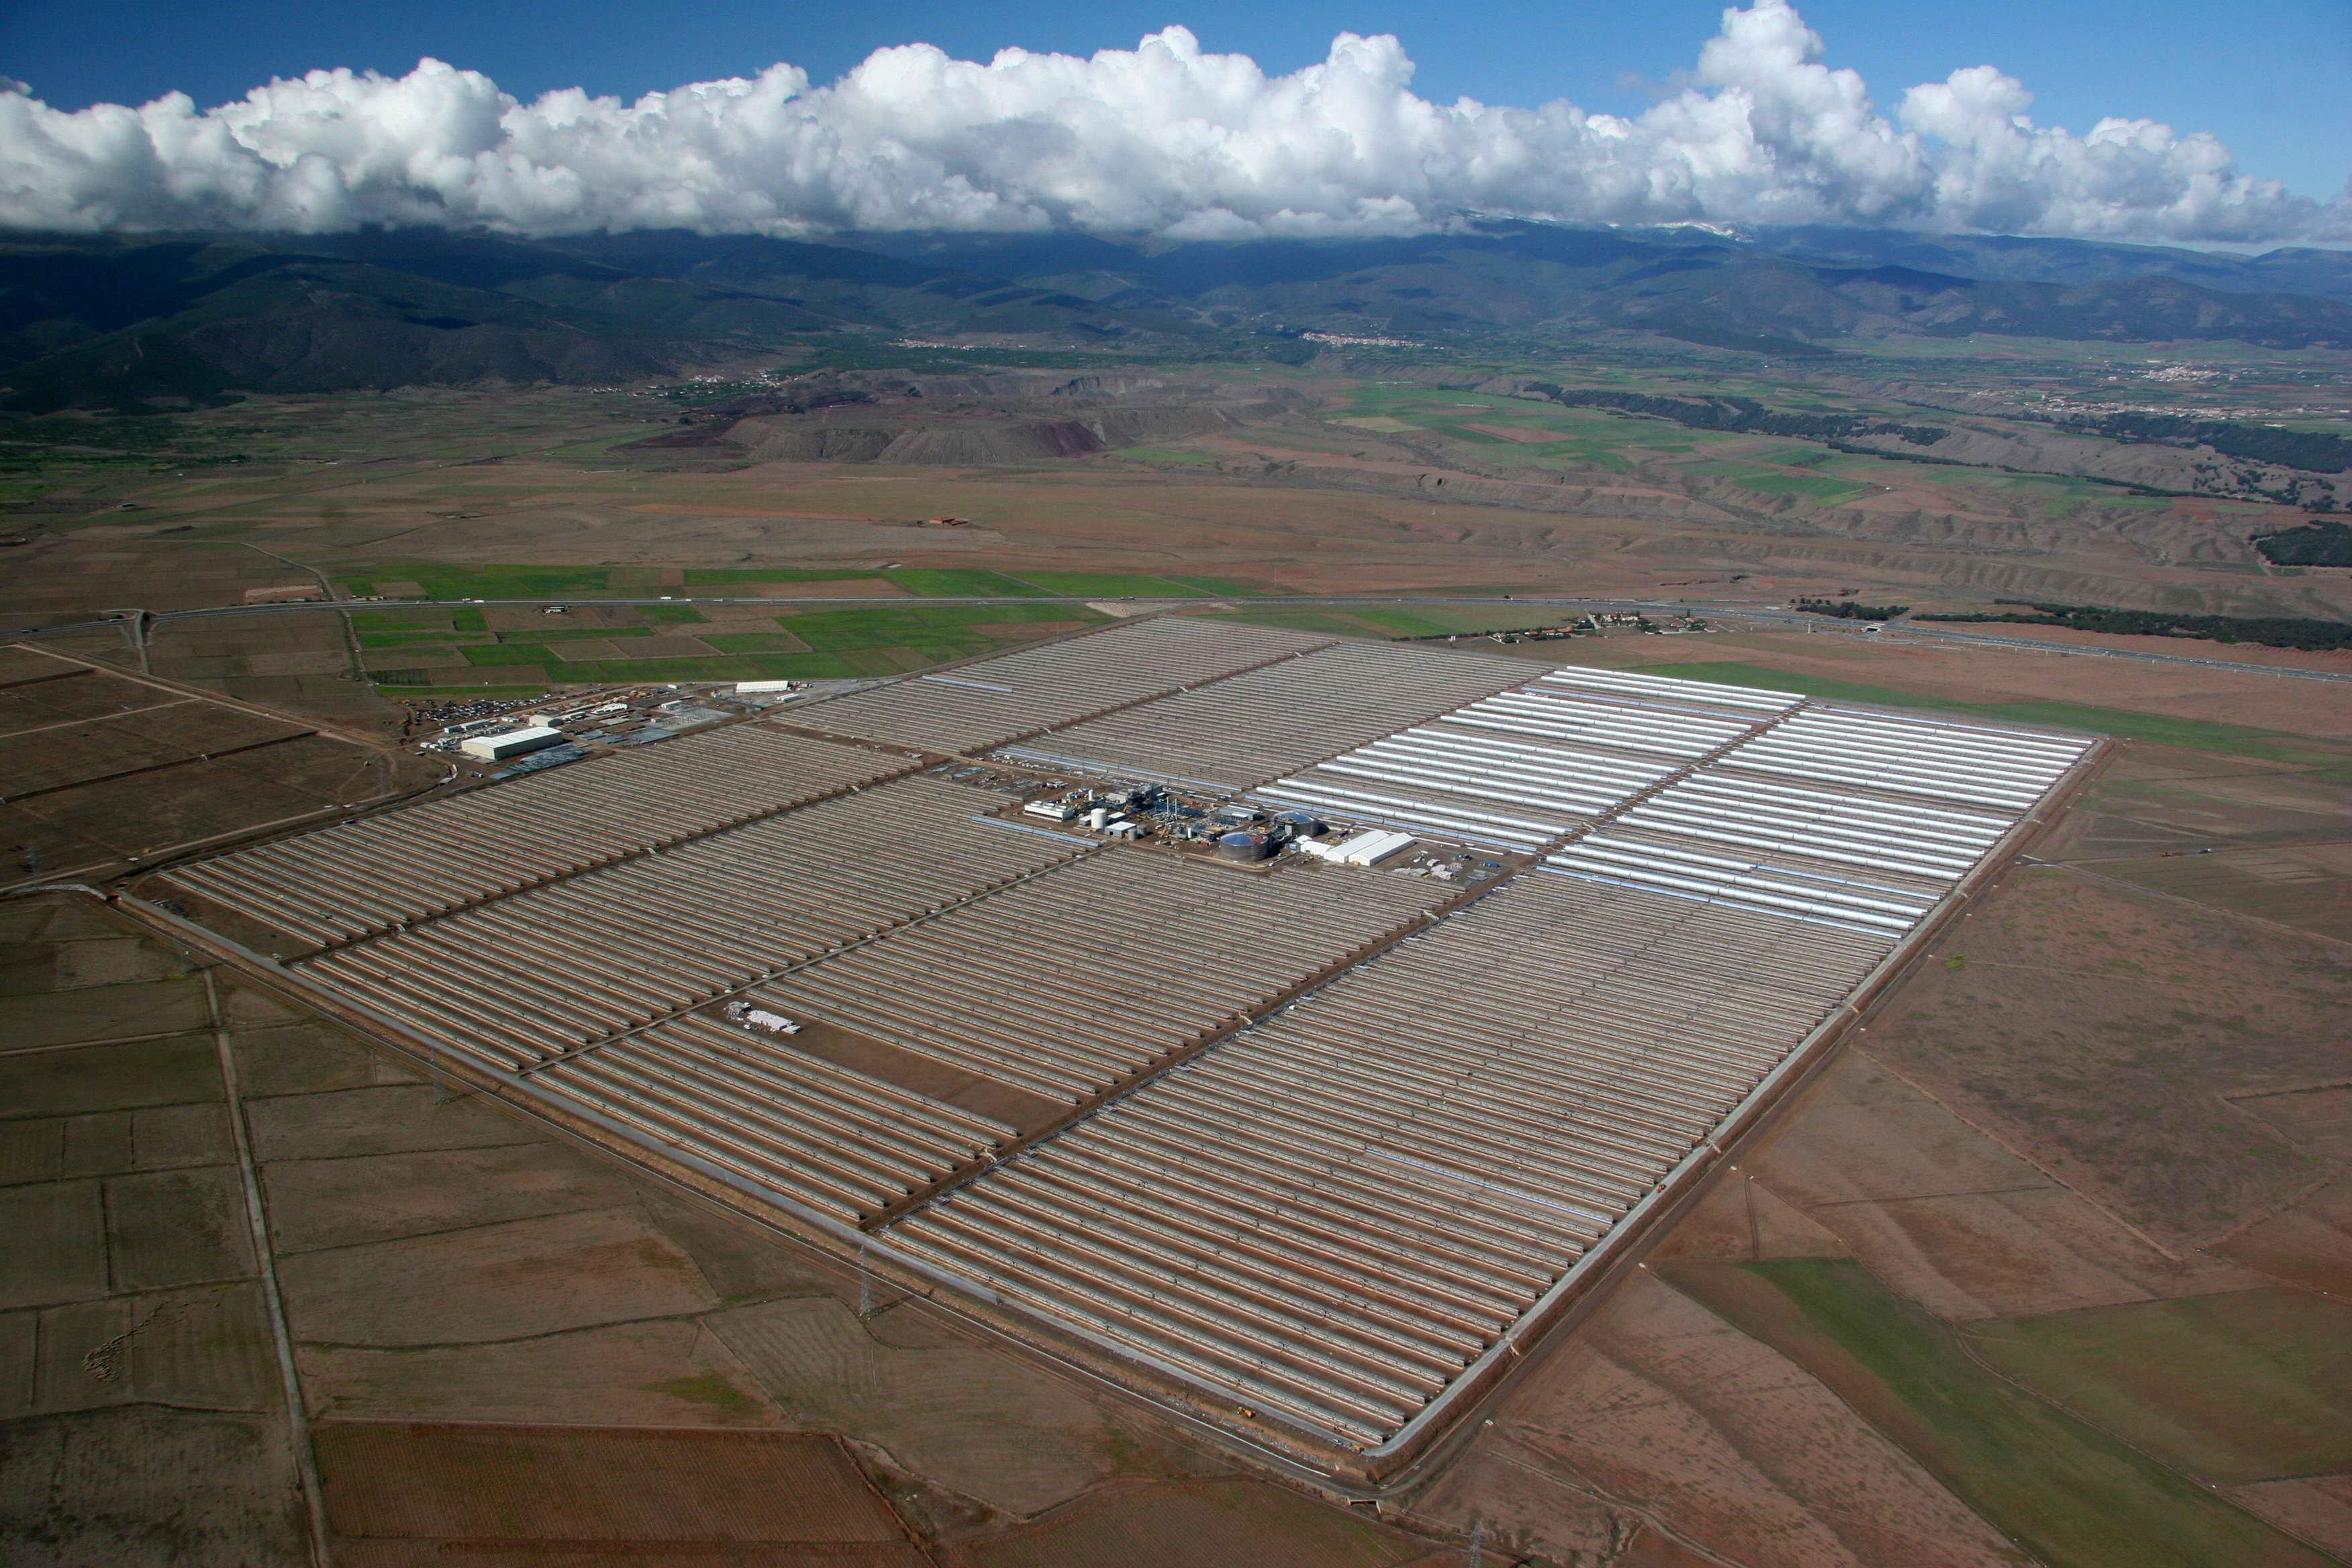 Facility Uses Sun Heated Sand To Produce Energy